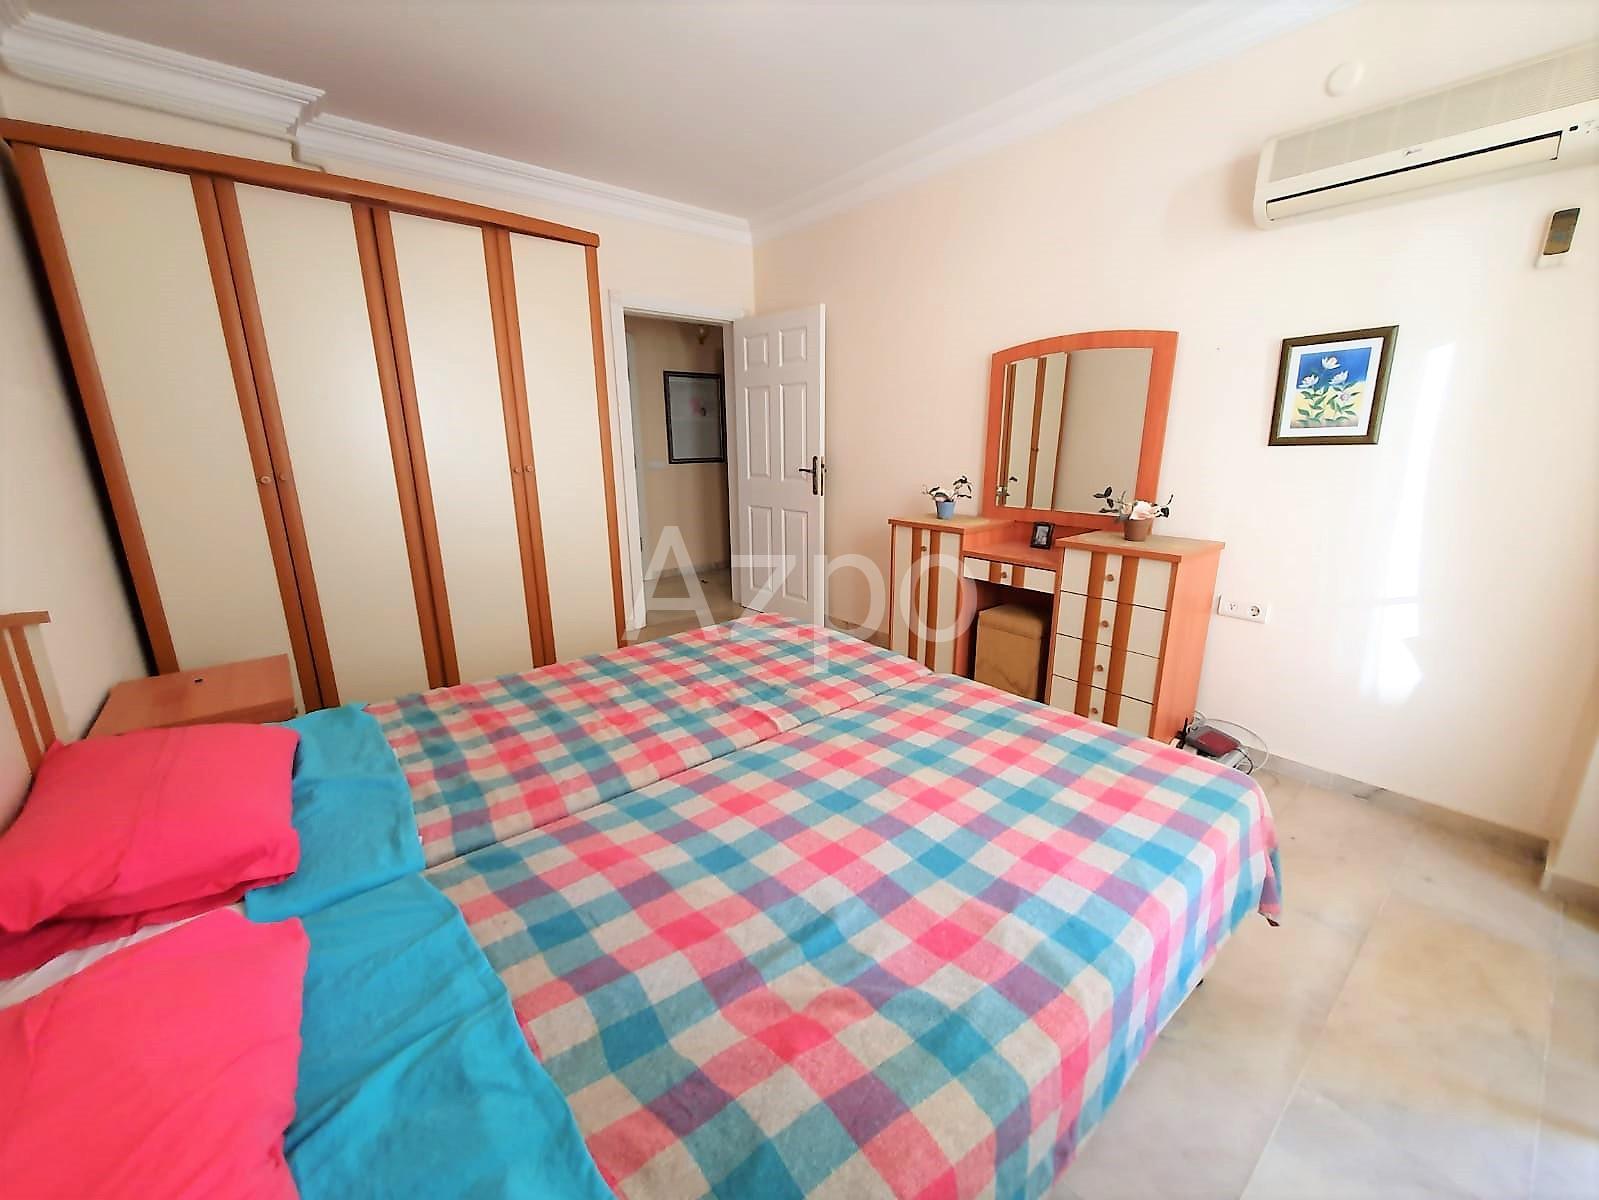 Квартира планировки 2+1 с видом на море - Фото 21